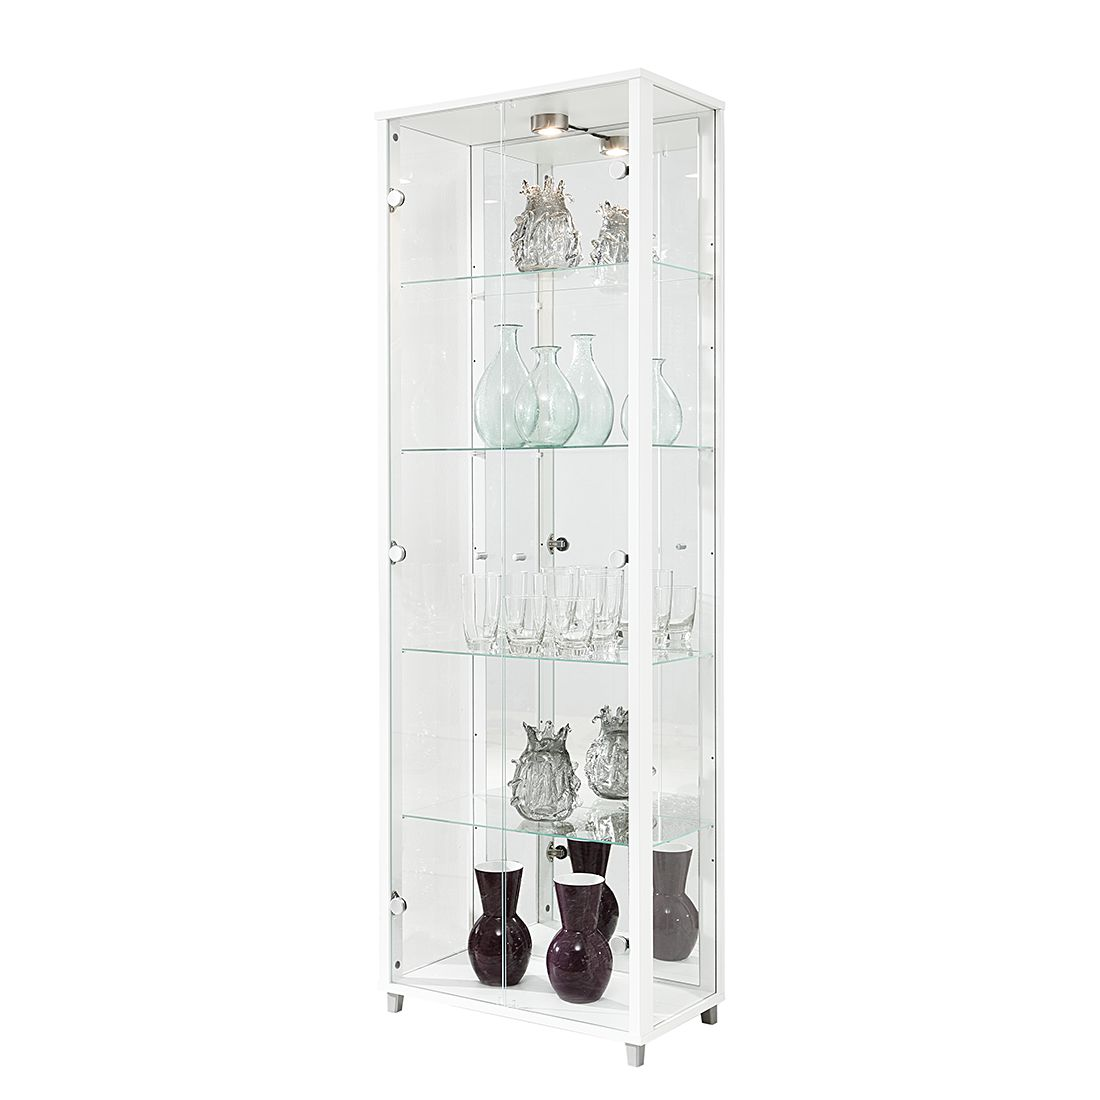 EEK B, Armoire vitrine Exhibit (éclairage inclus) - Blanc - 5 - Avec éclairage, mooved